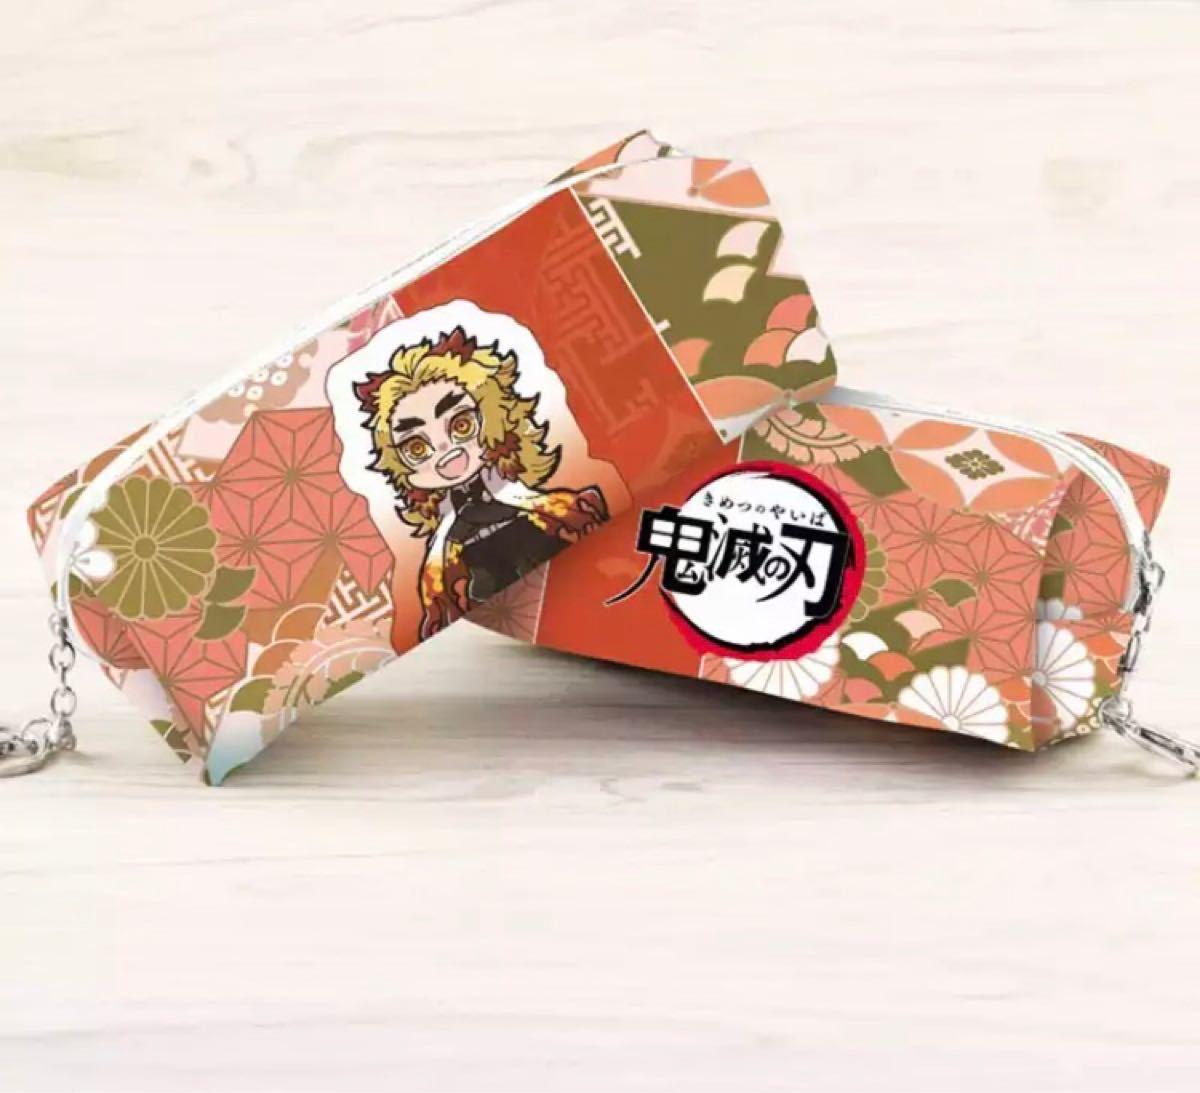 鬼滅の刃 煉獄杏寿郎 ペンケース